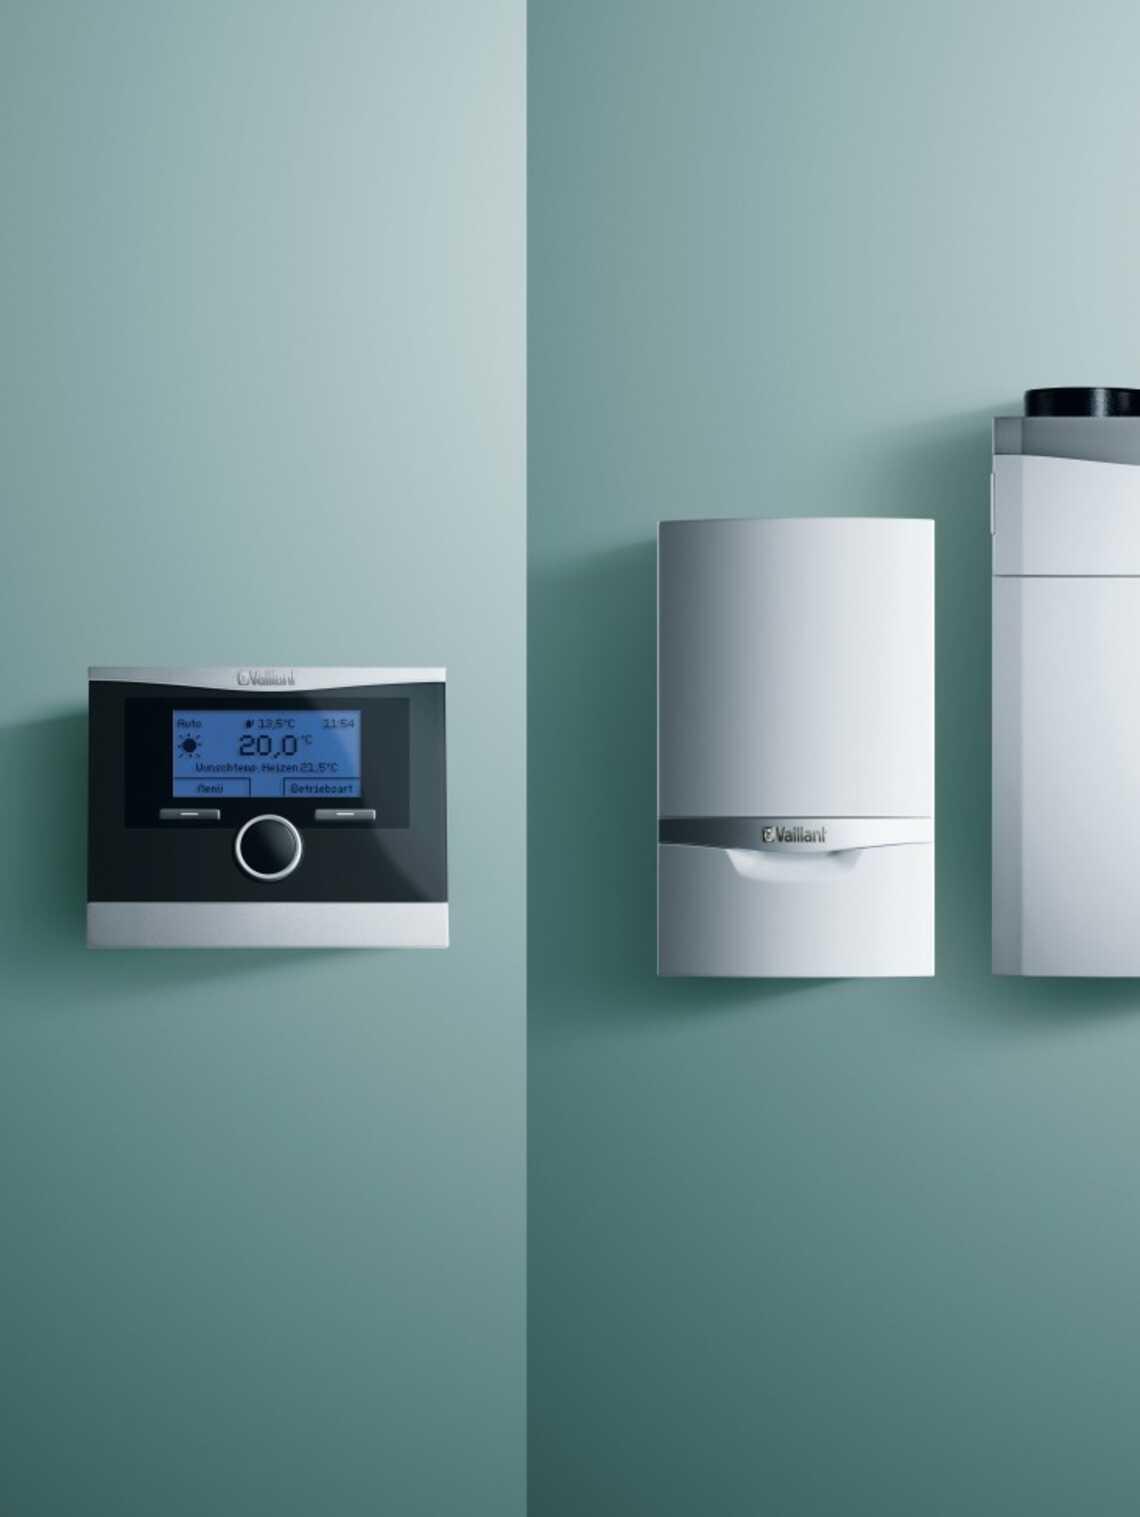 calormatic 470 f centralina di termoregolazione. Black Bedroom Furniture Sets. Home Design Ideas